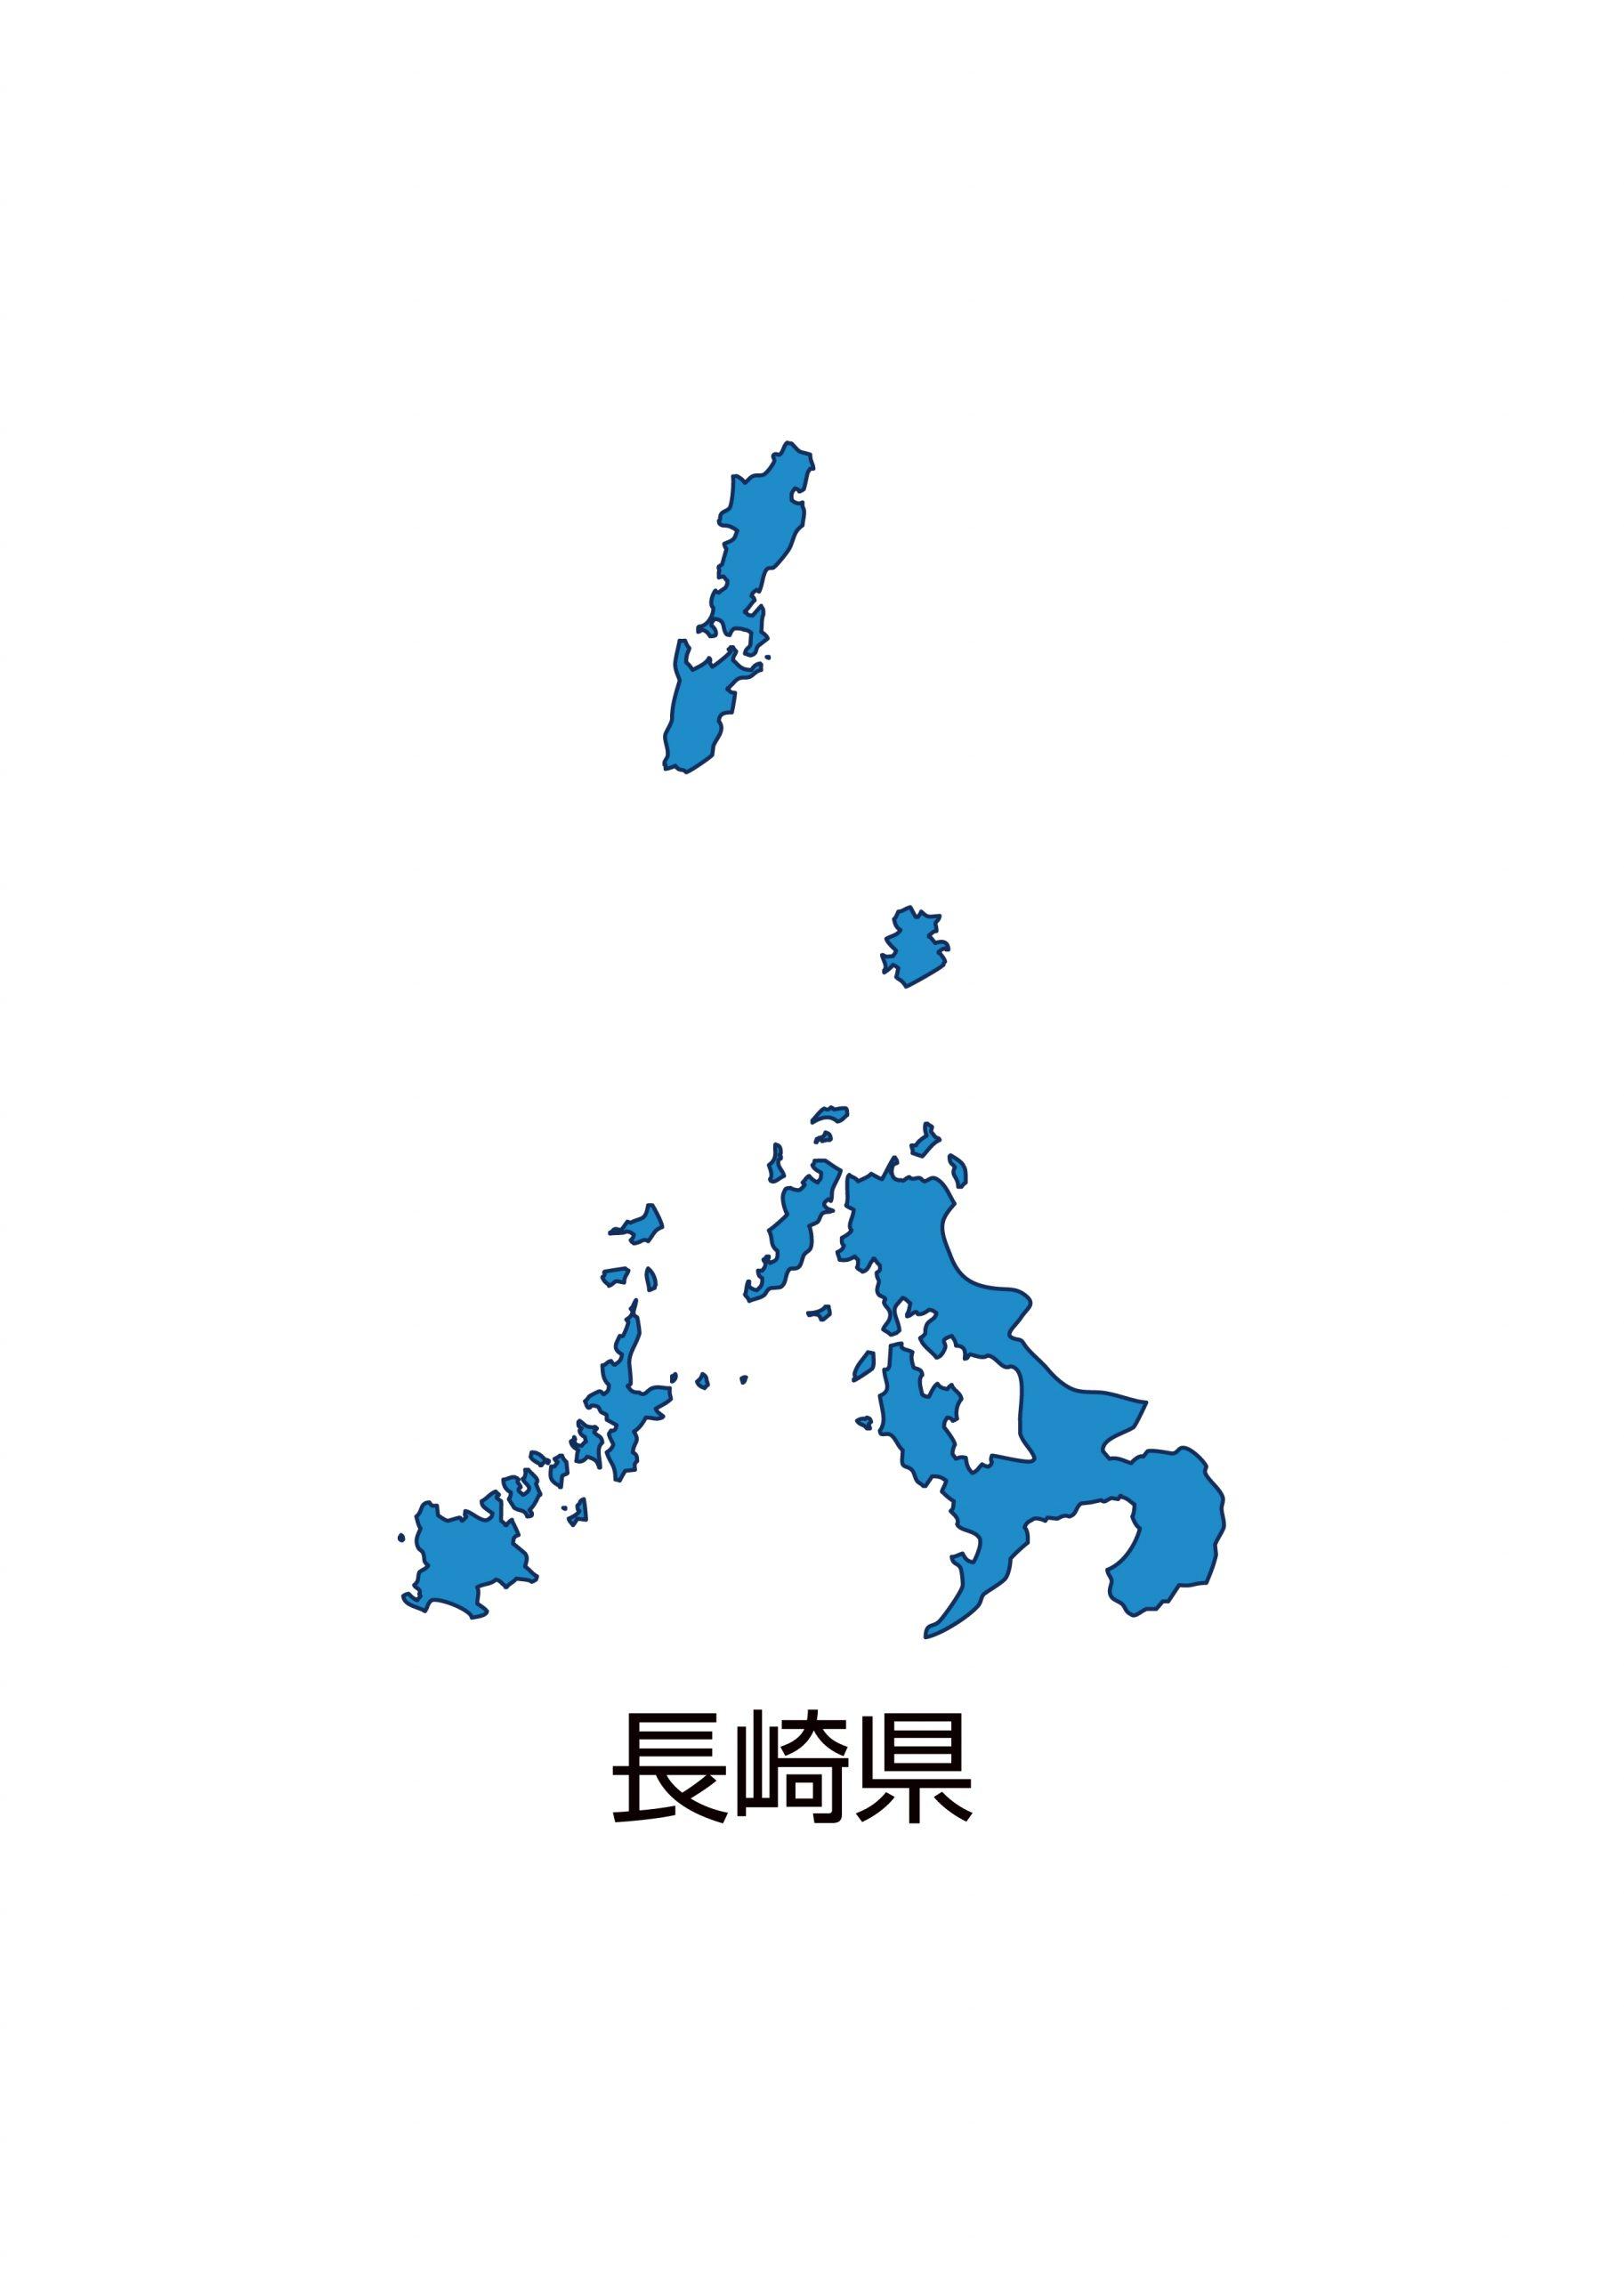 長崎県無料フリーイラスト|日本語・都道府県名あり(青)